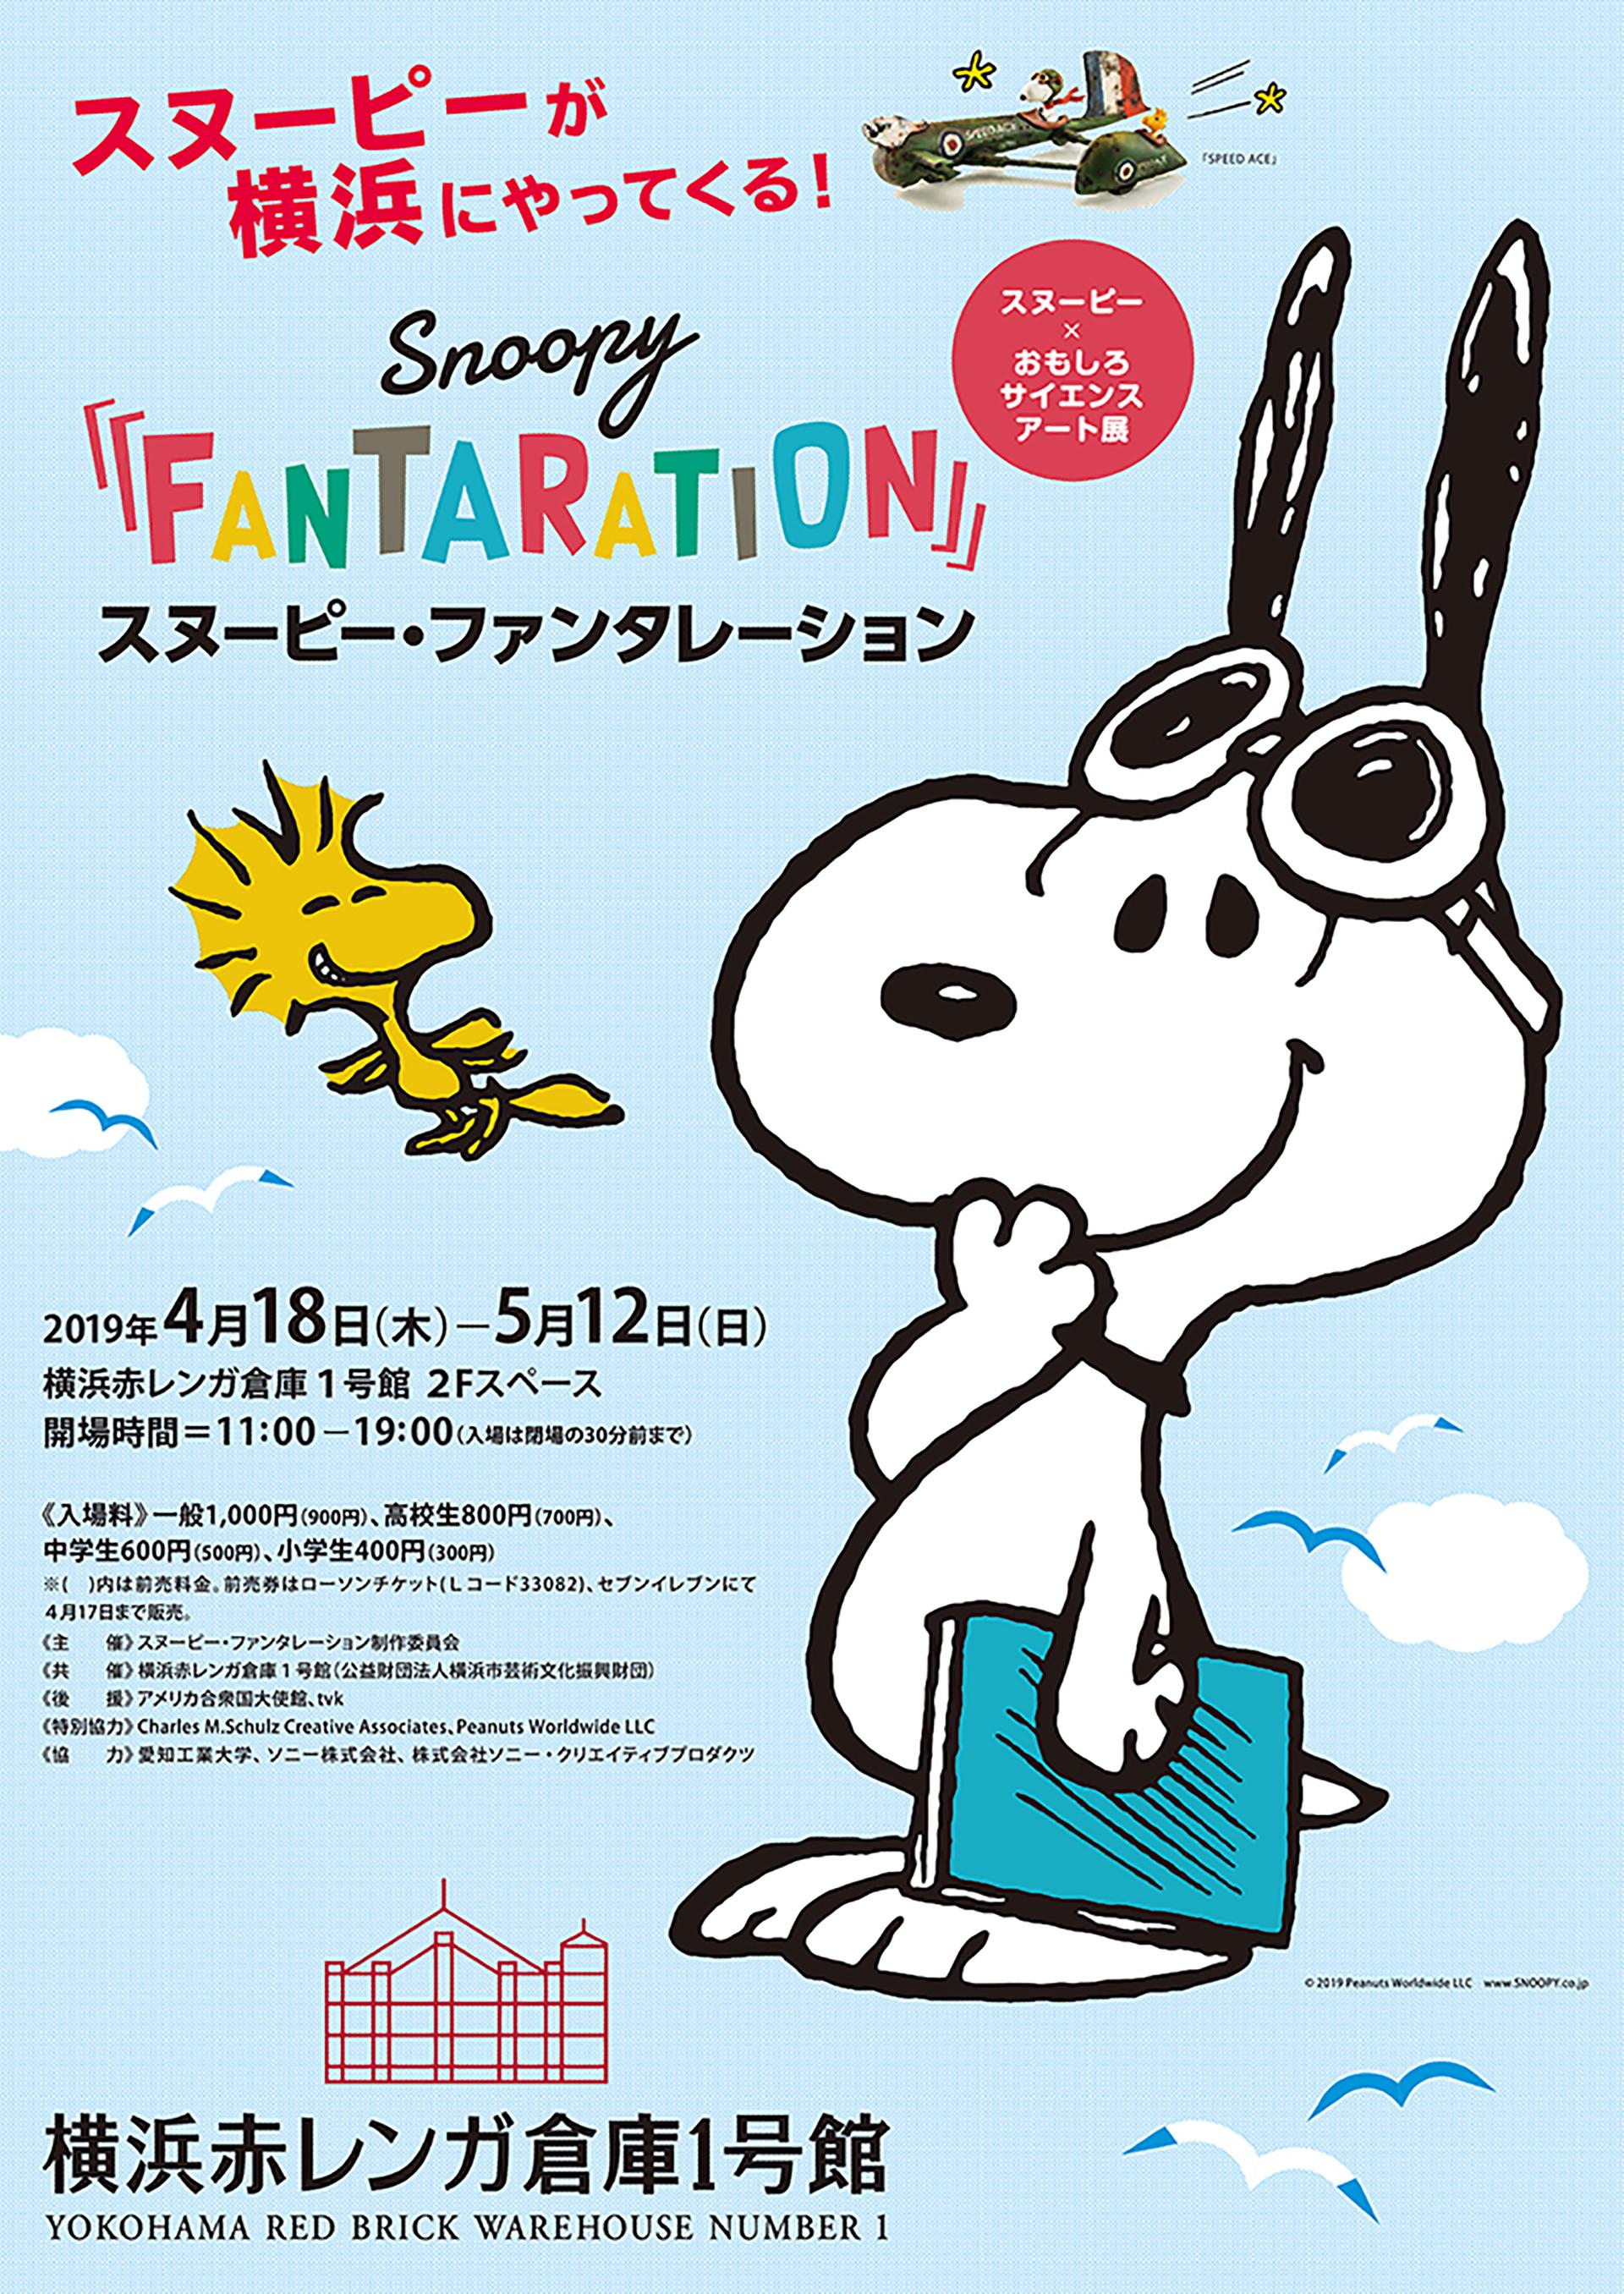 SNOOP FANTARATION